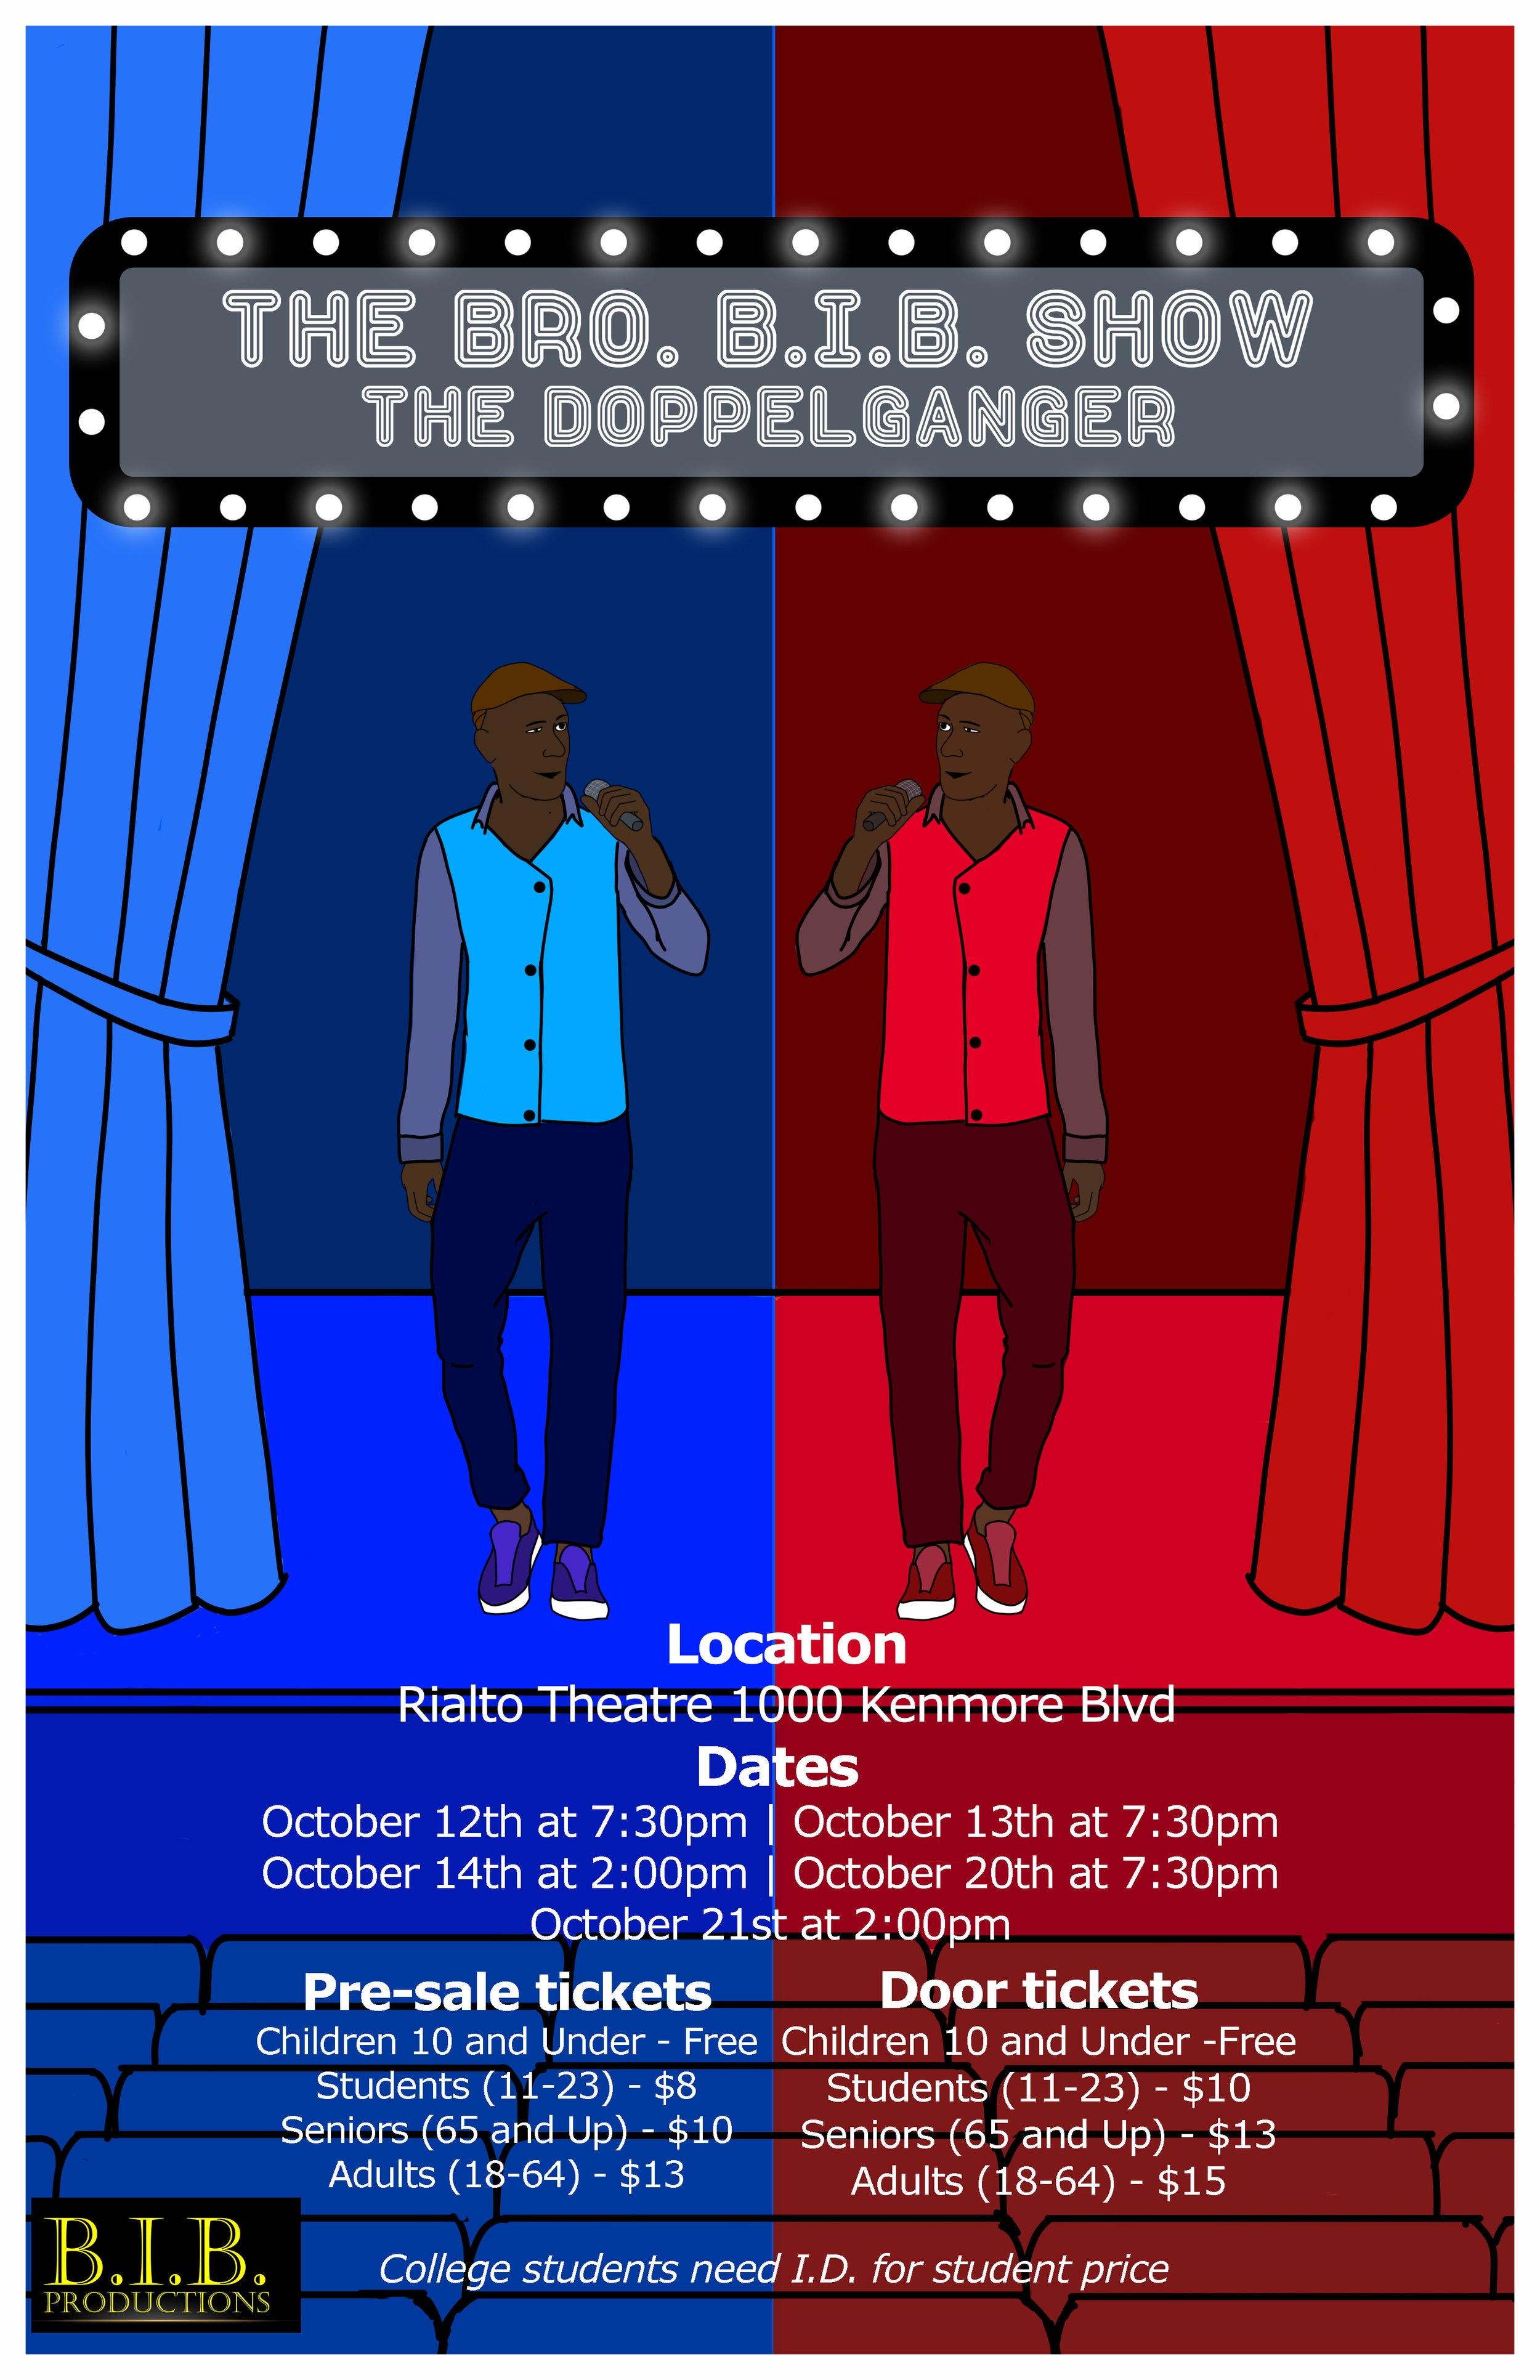 The Bro. B.I.B. Show - The Doppelganger Poster.jpg